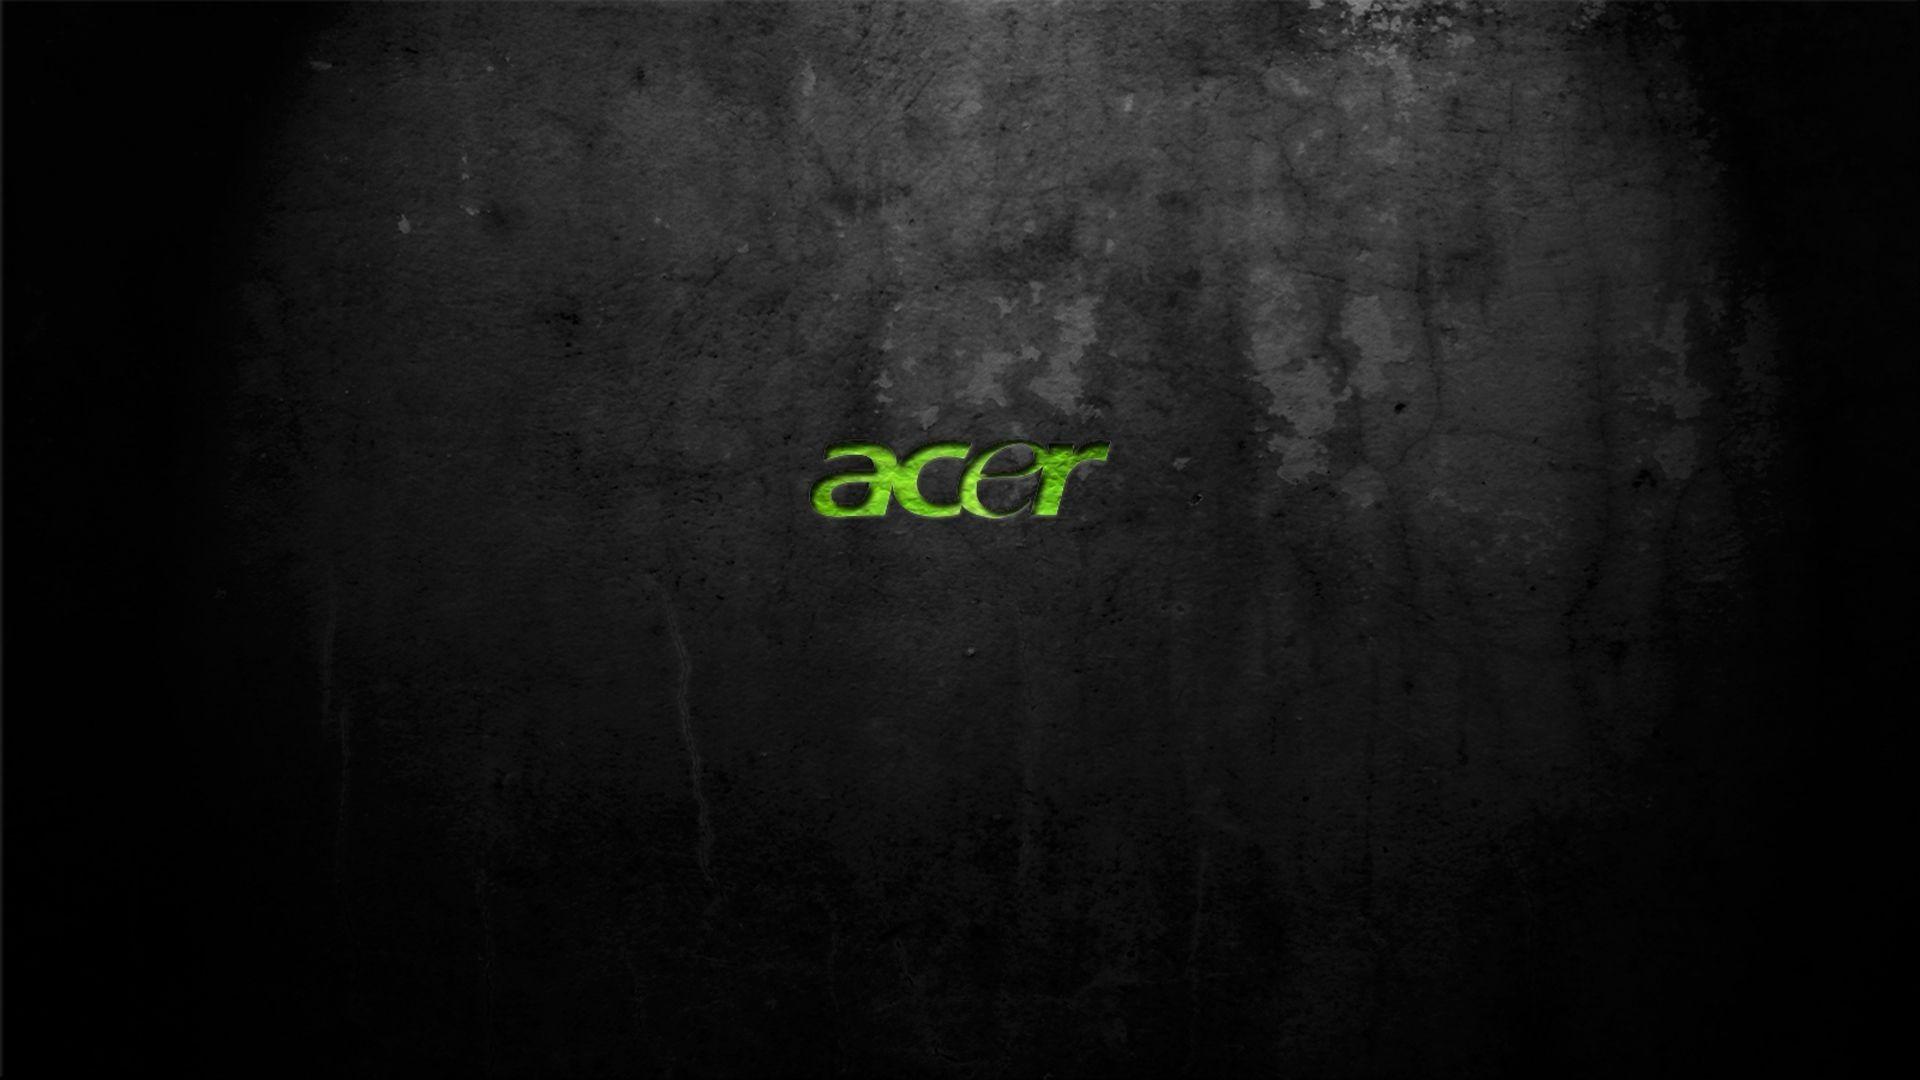 1920x1080 Acer Hd Green Wallpaper